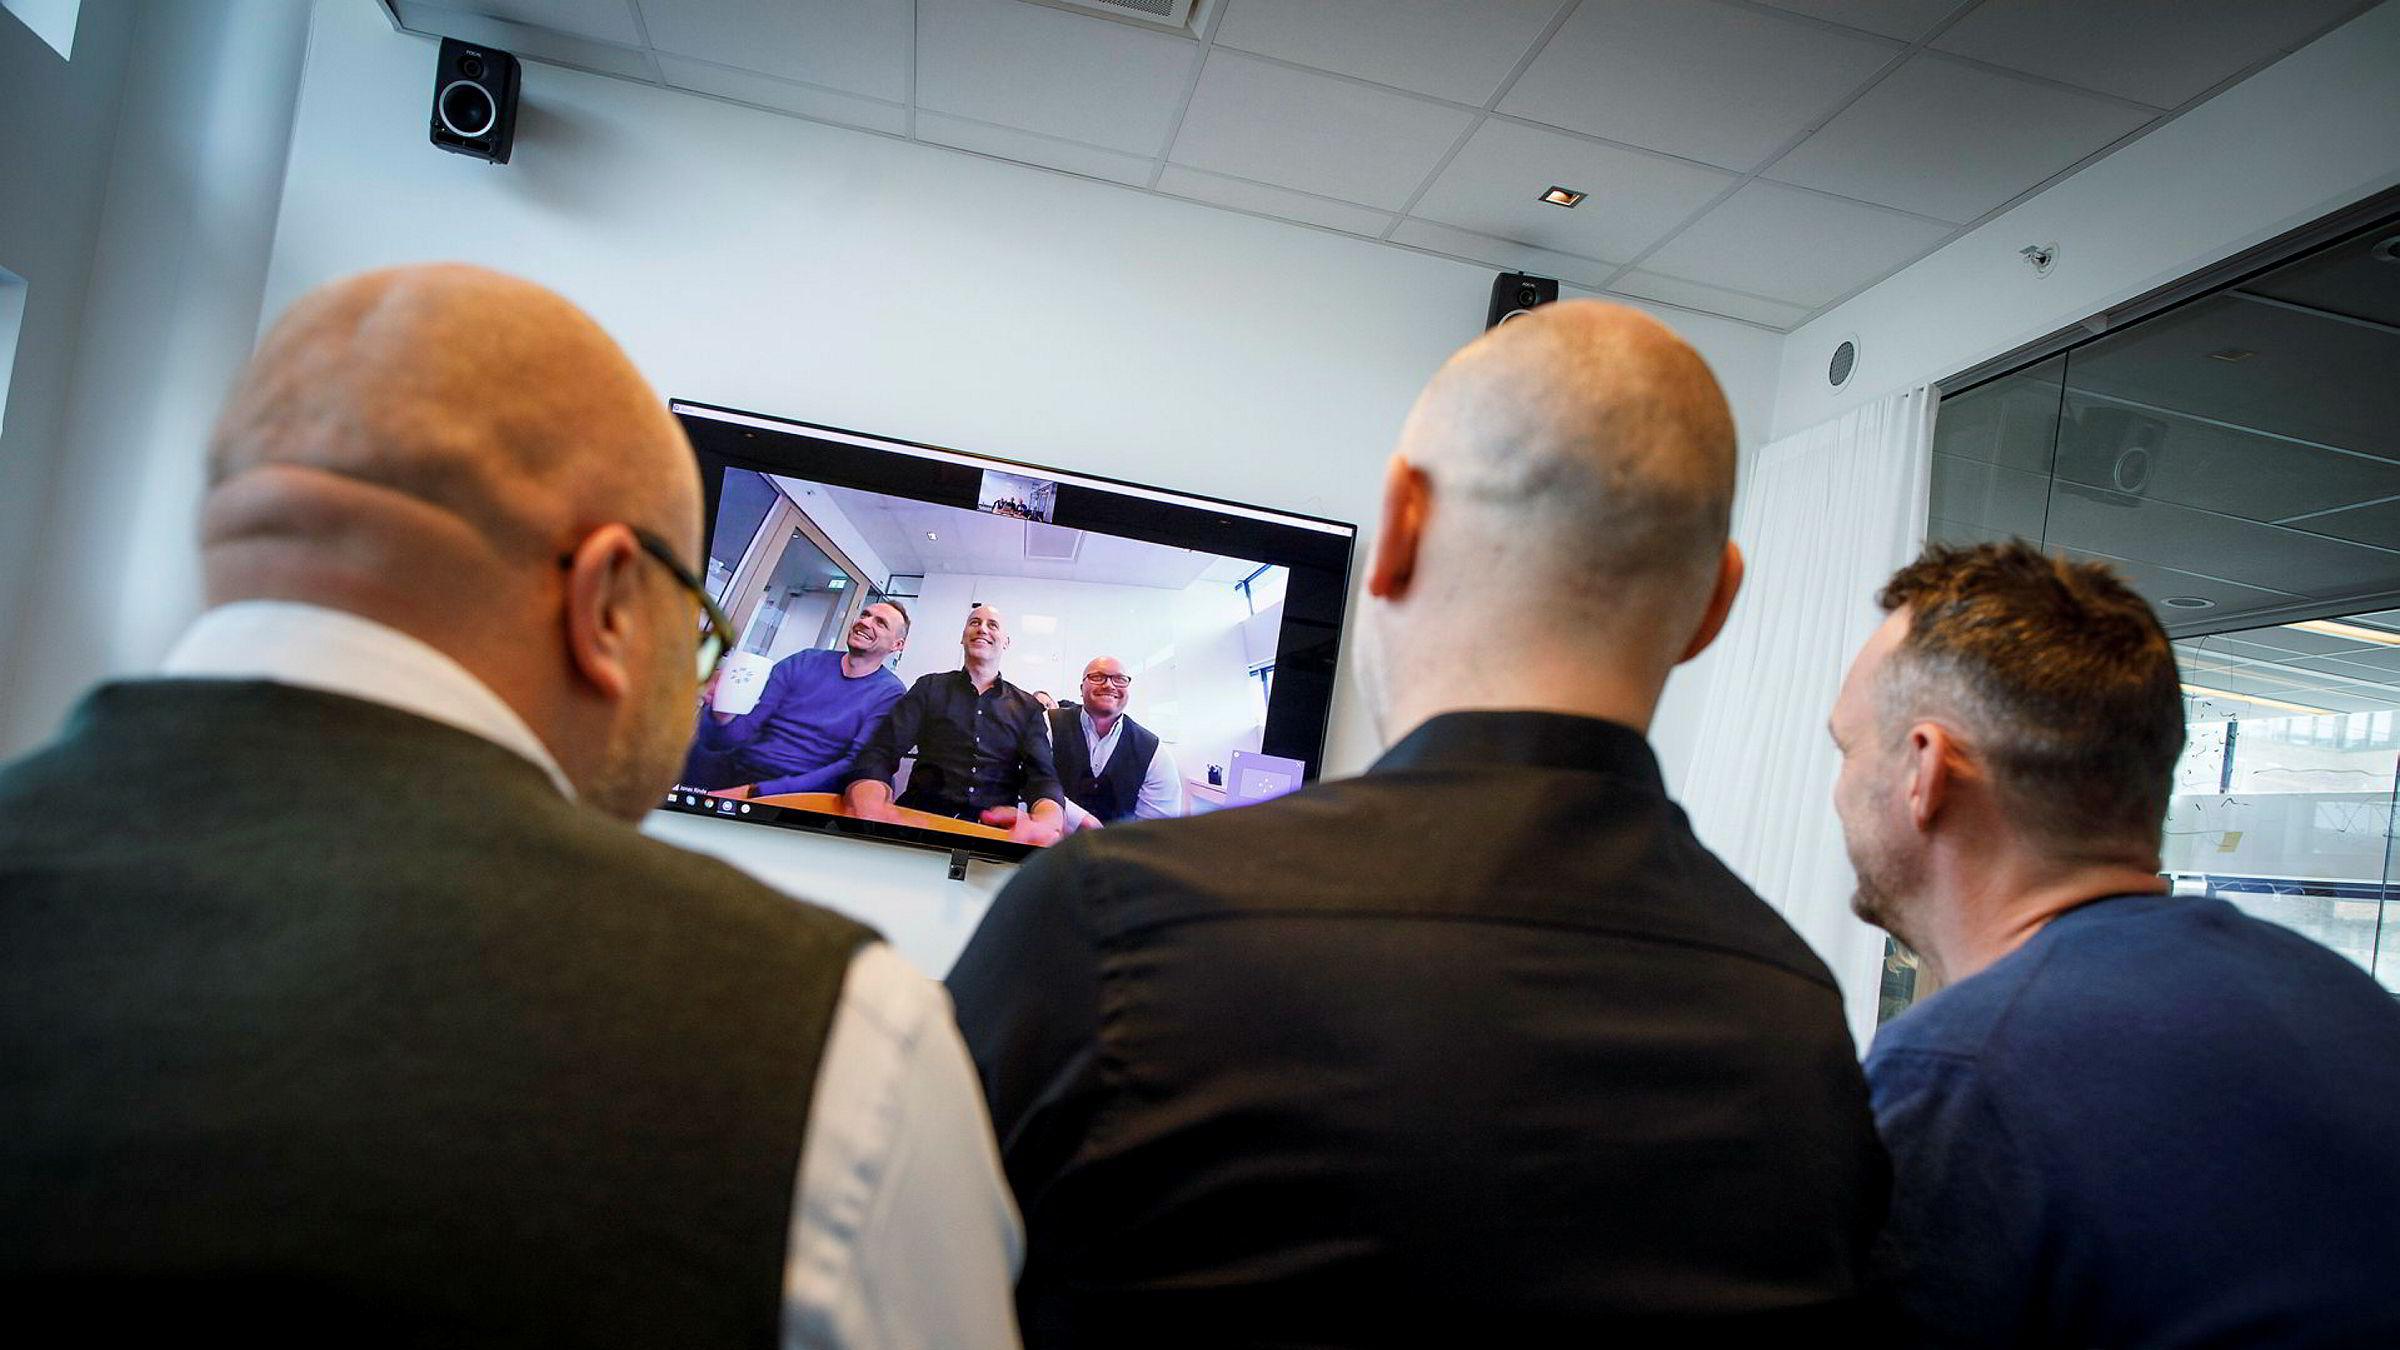 Utviklingsdirektør Vegard Hammer (t.v), administrerende direktør Jonas Rinde og kommersiell direktør Lars Rønning i Tandberg-utbryteren Huddly har sikret en avtale med det amerikanske teknologiselskapet Crestron.